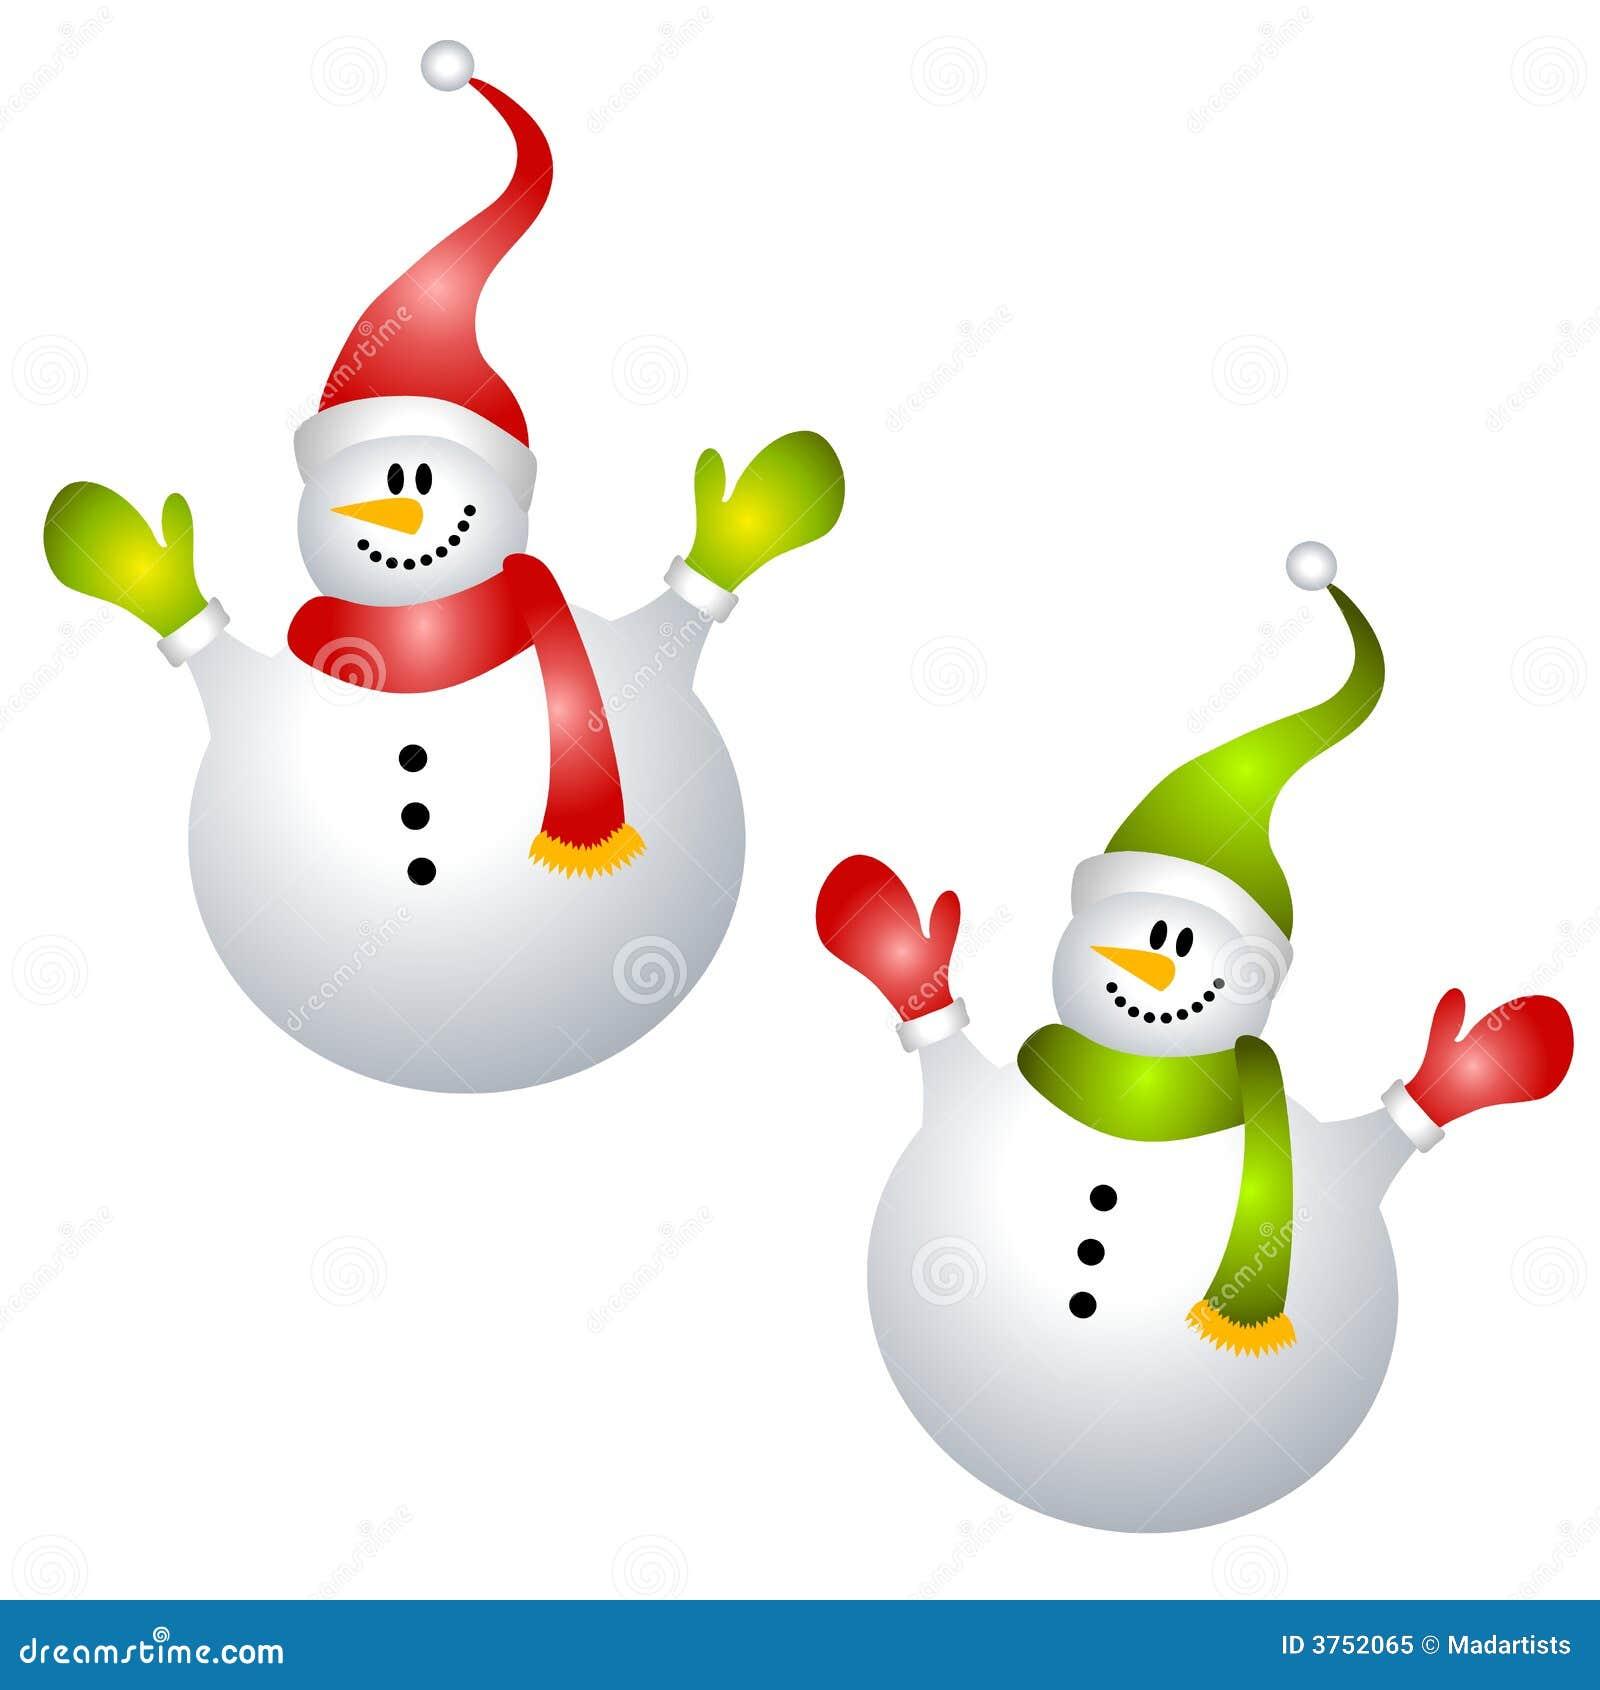 Clipart images graphiques de sourire de bonhommes de neige d 39 isolement illustration stock - Clipart bonhomme de neige ...